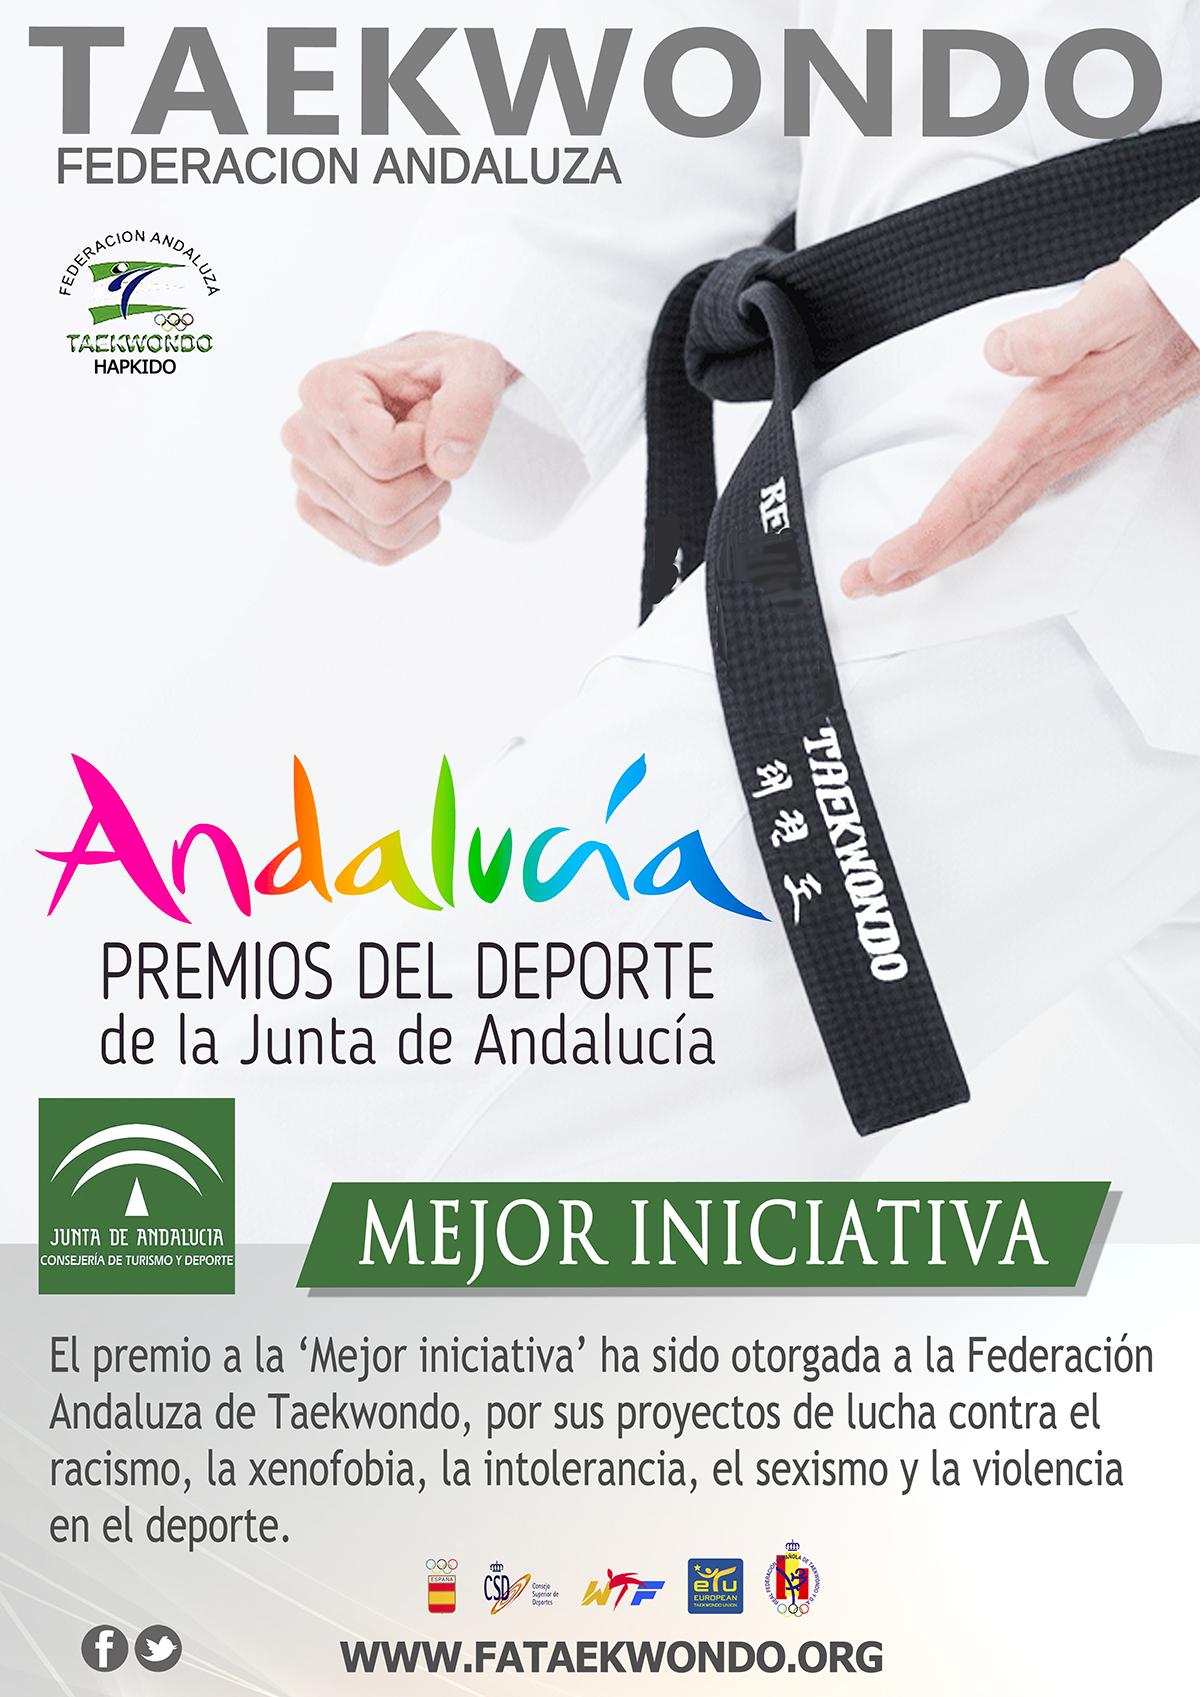 Federación Andaluza reconocida por su gran iniciativa